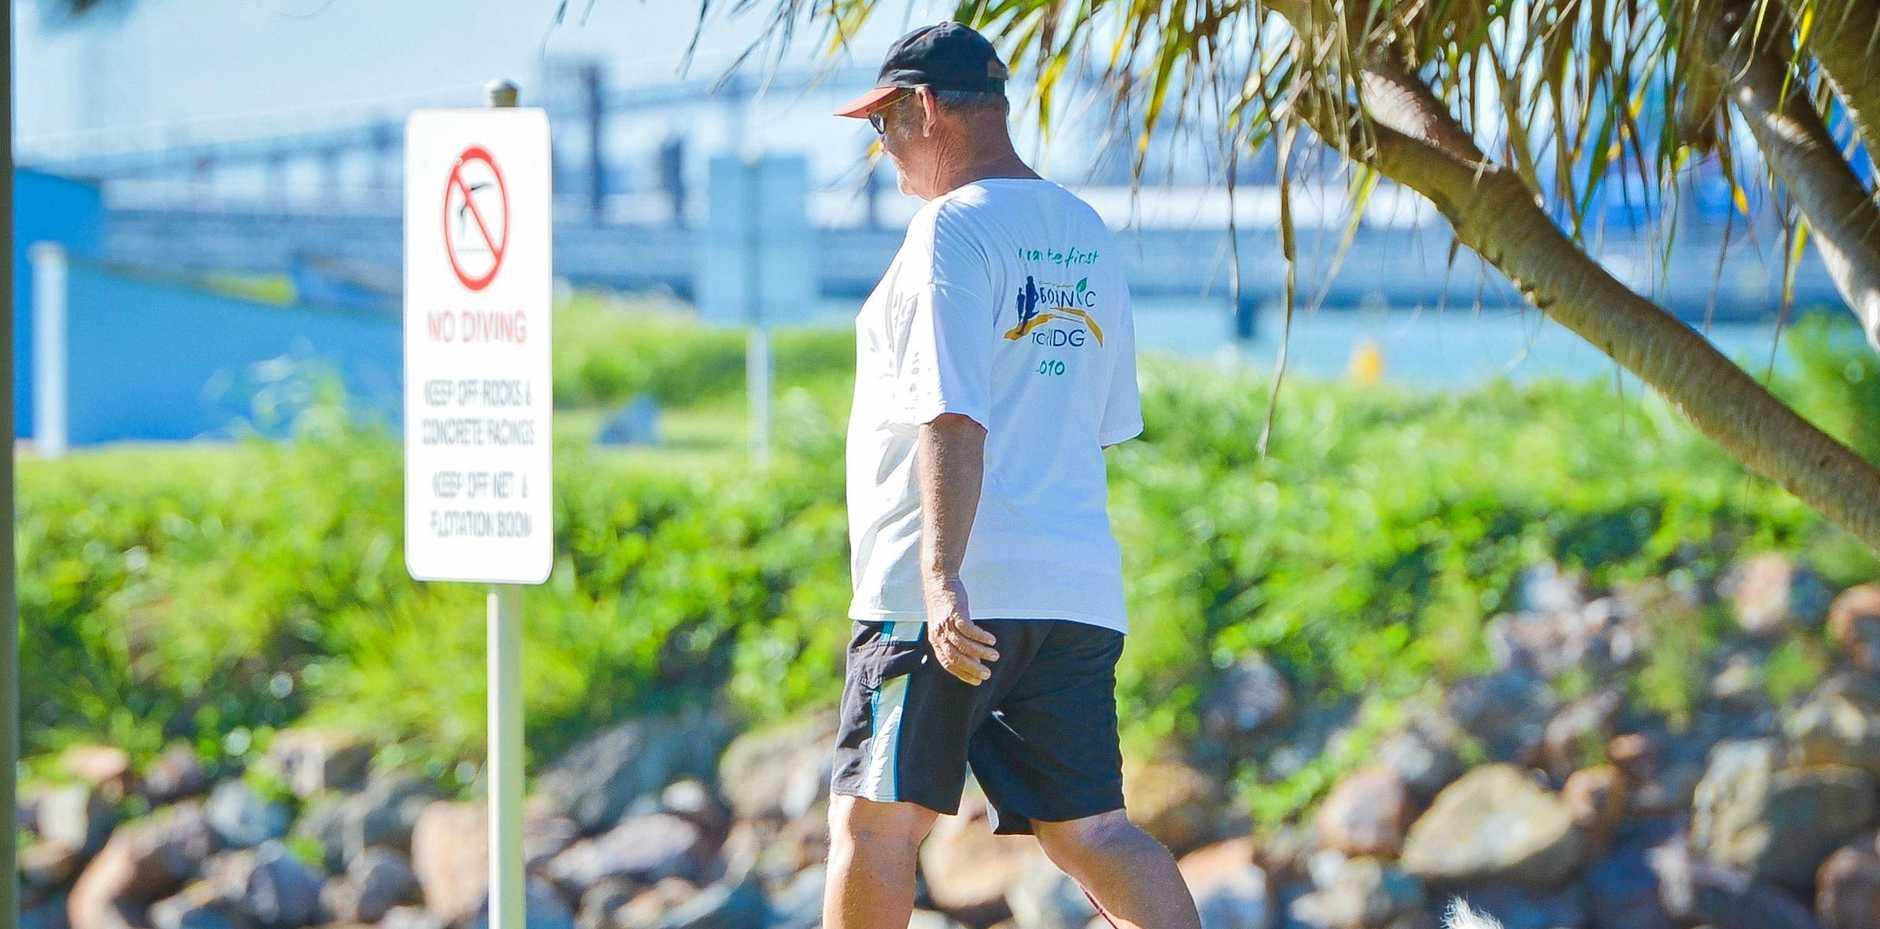 Bob Green walks Amy at Spinnaker Park 7 days a week.